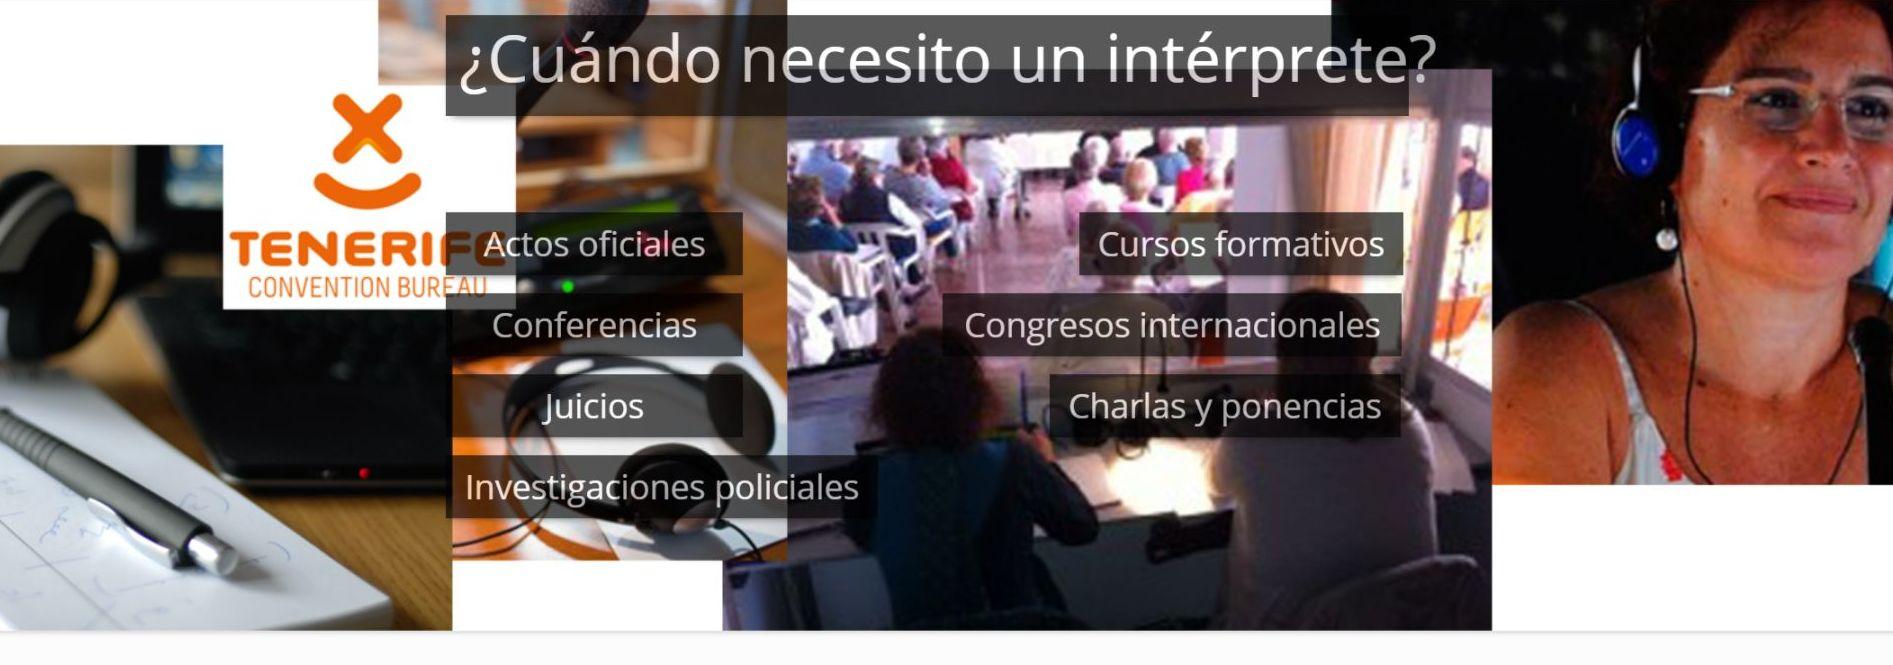 CIENTÍFICO Y TÉCNICO: SERVICIOS de Wai Comunicación